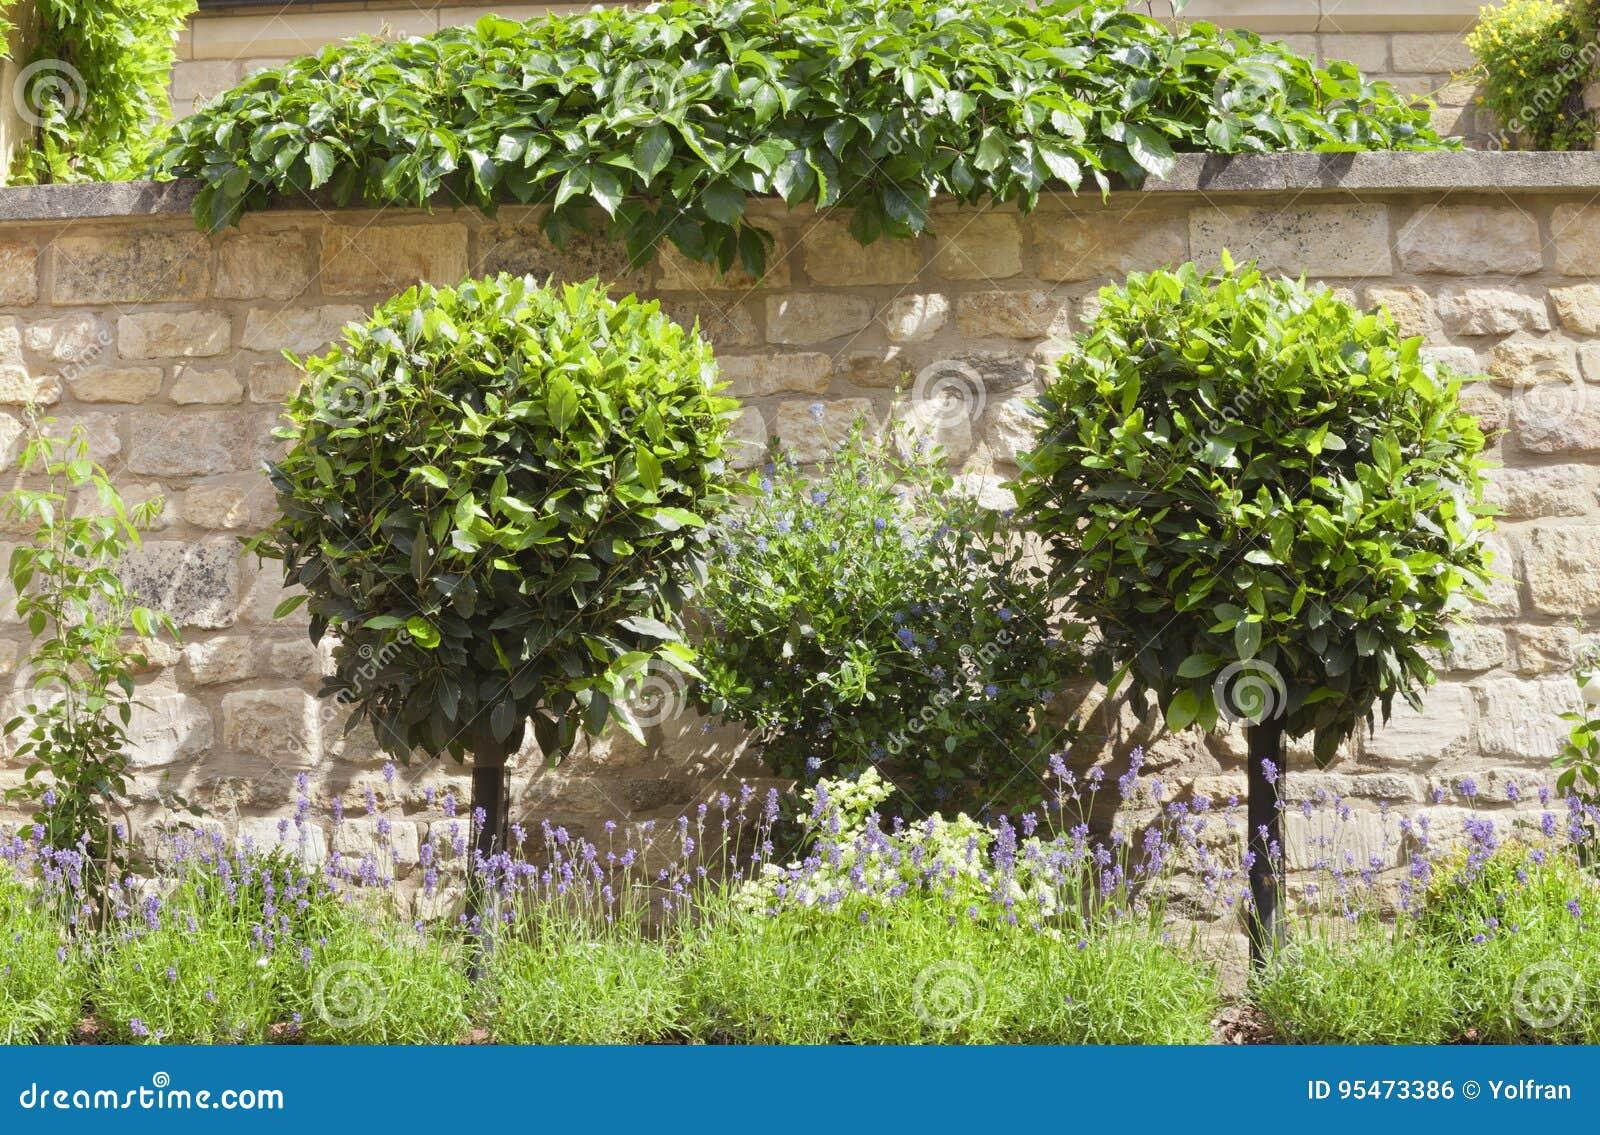 Alberi da giardino piccolo top with alberi da giardino - Alberi giardino piccolo ...